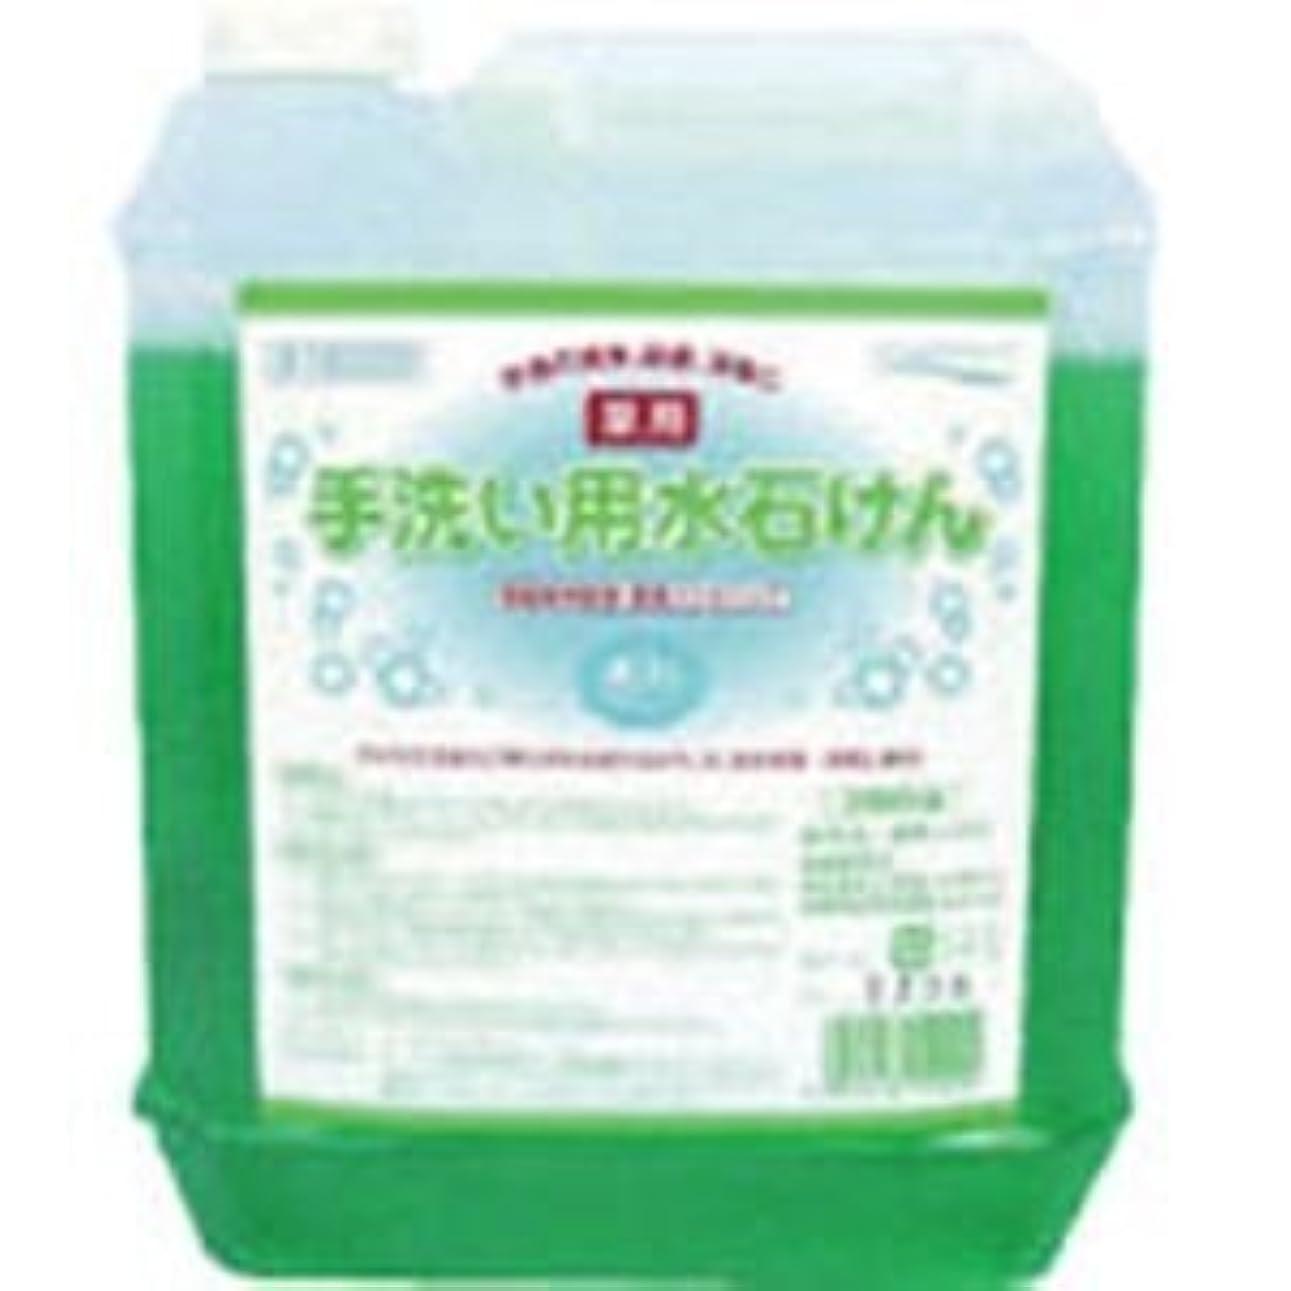 自発妊娠した生き物医薬部外品 泡タイプの薬用ハンドソープ 手洗い用水石けん5L×4個セット 15029-4